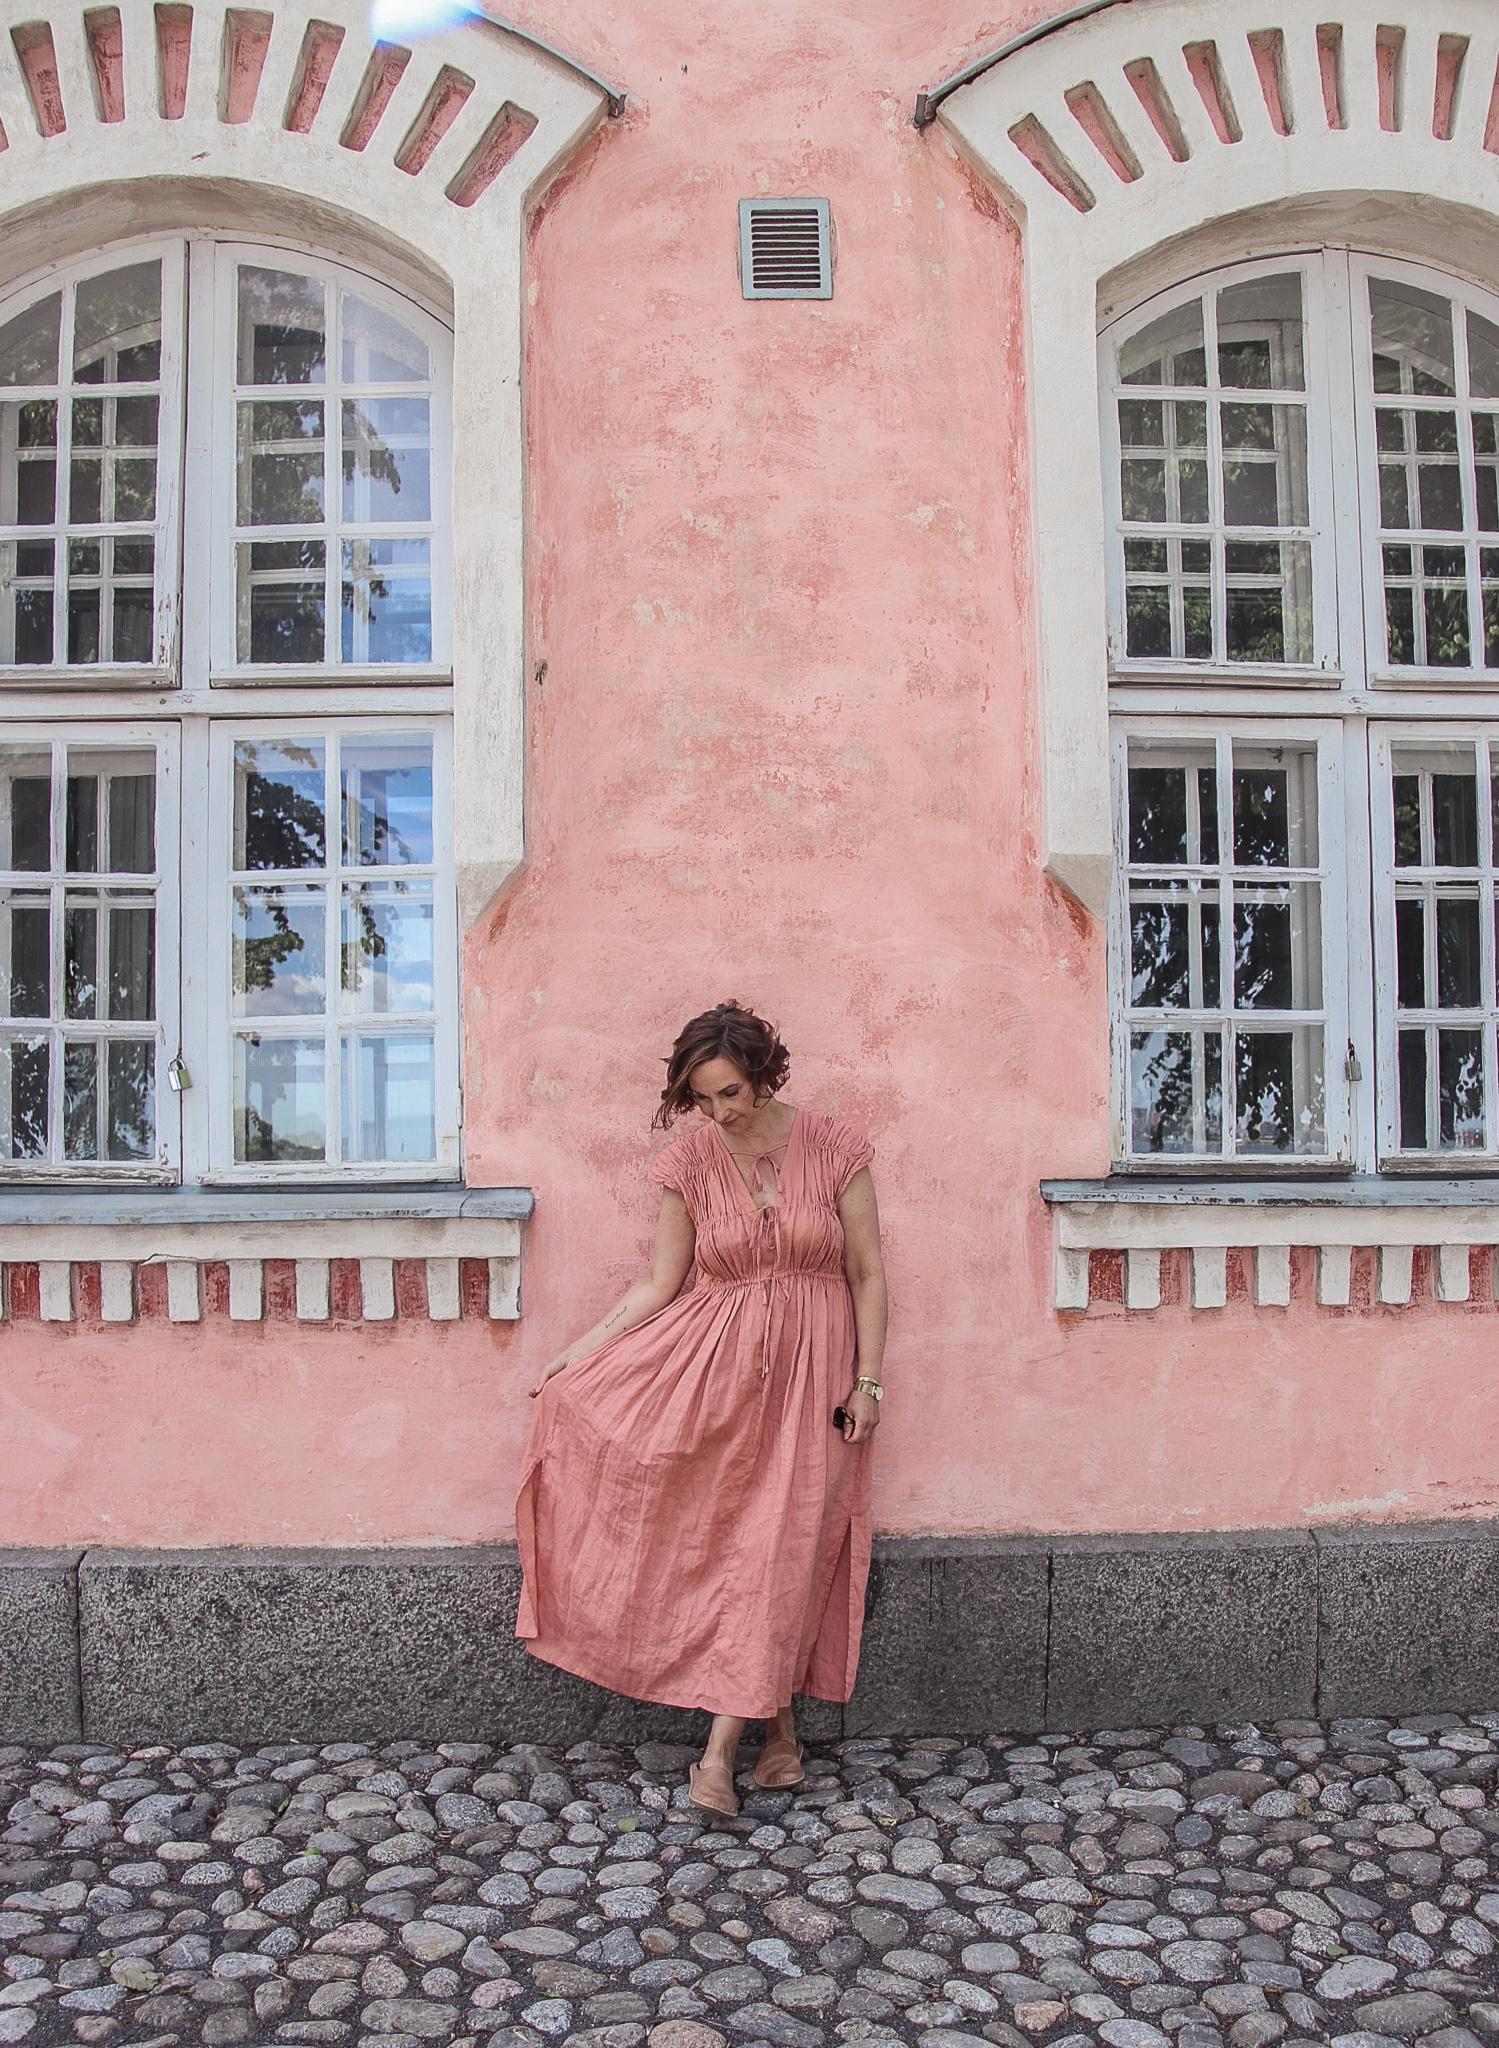 vaaleanpunainen pellavamekko